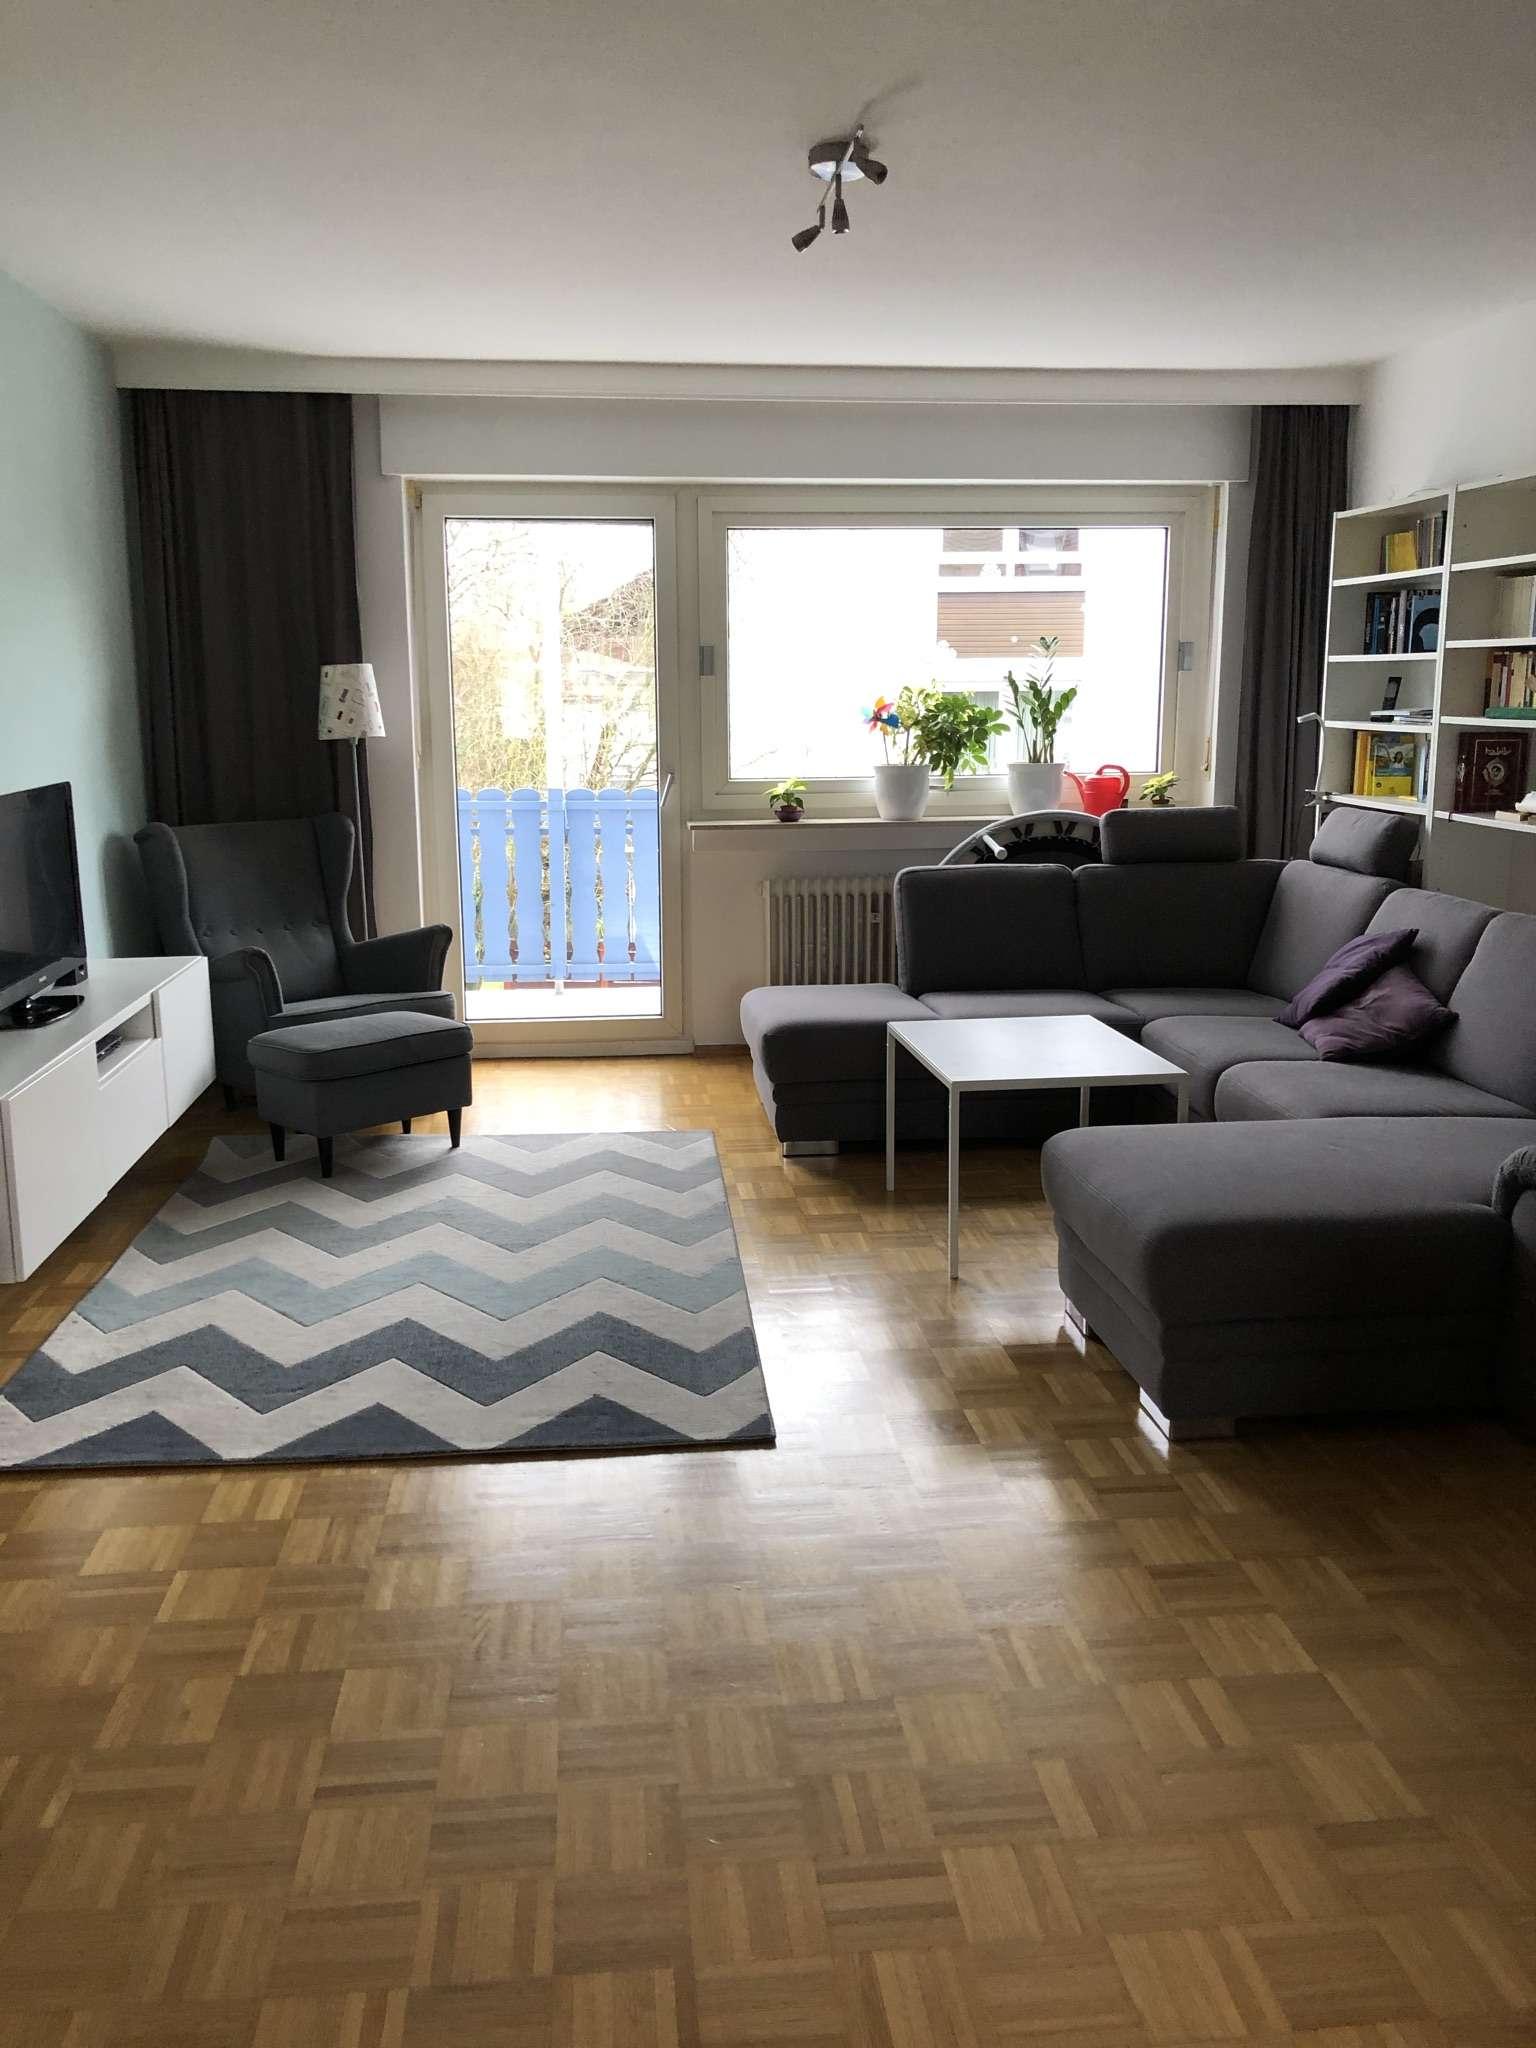 Aschaffenburg-Godelsberg 3-Zimmer-Wohnung m. Balkon in